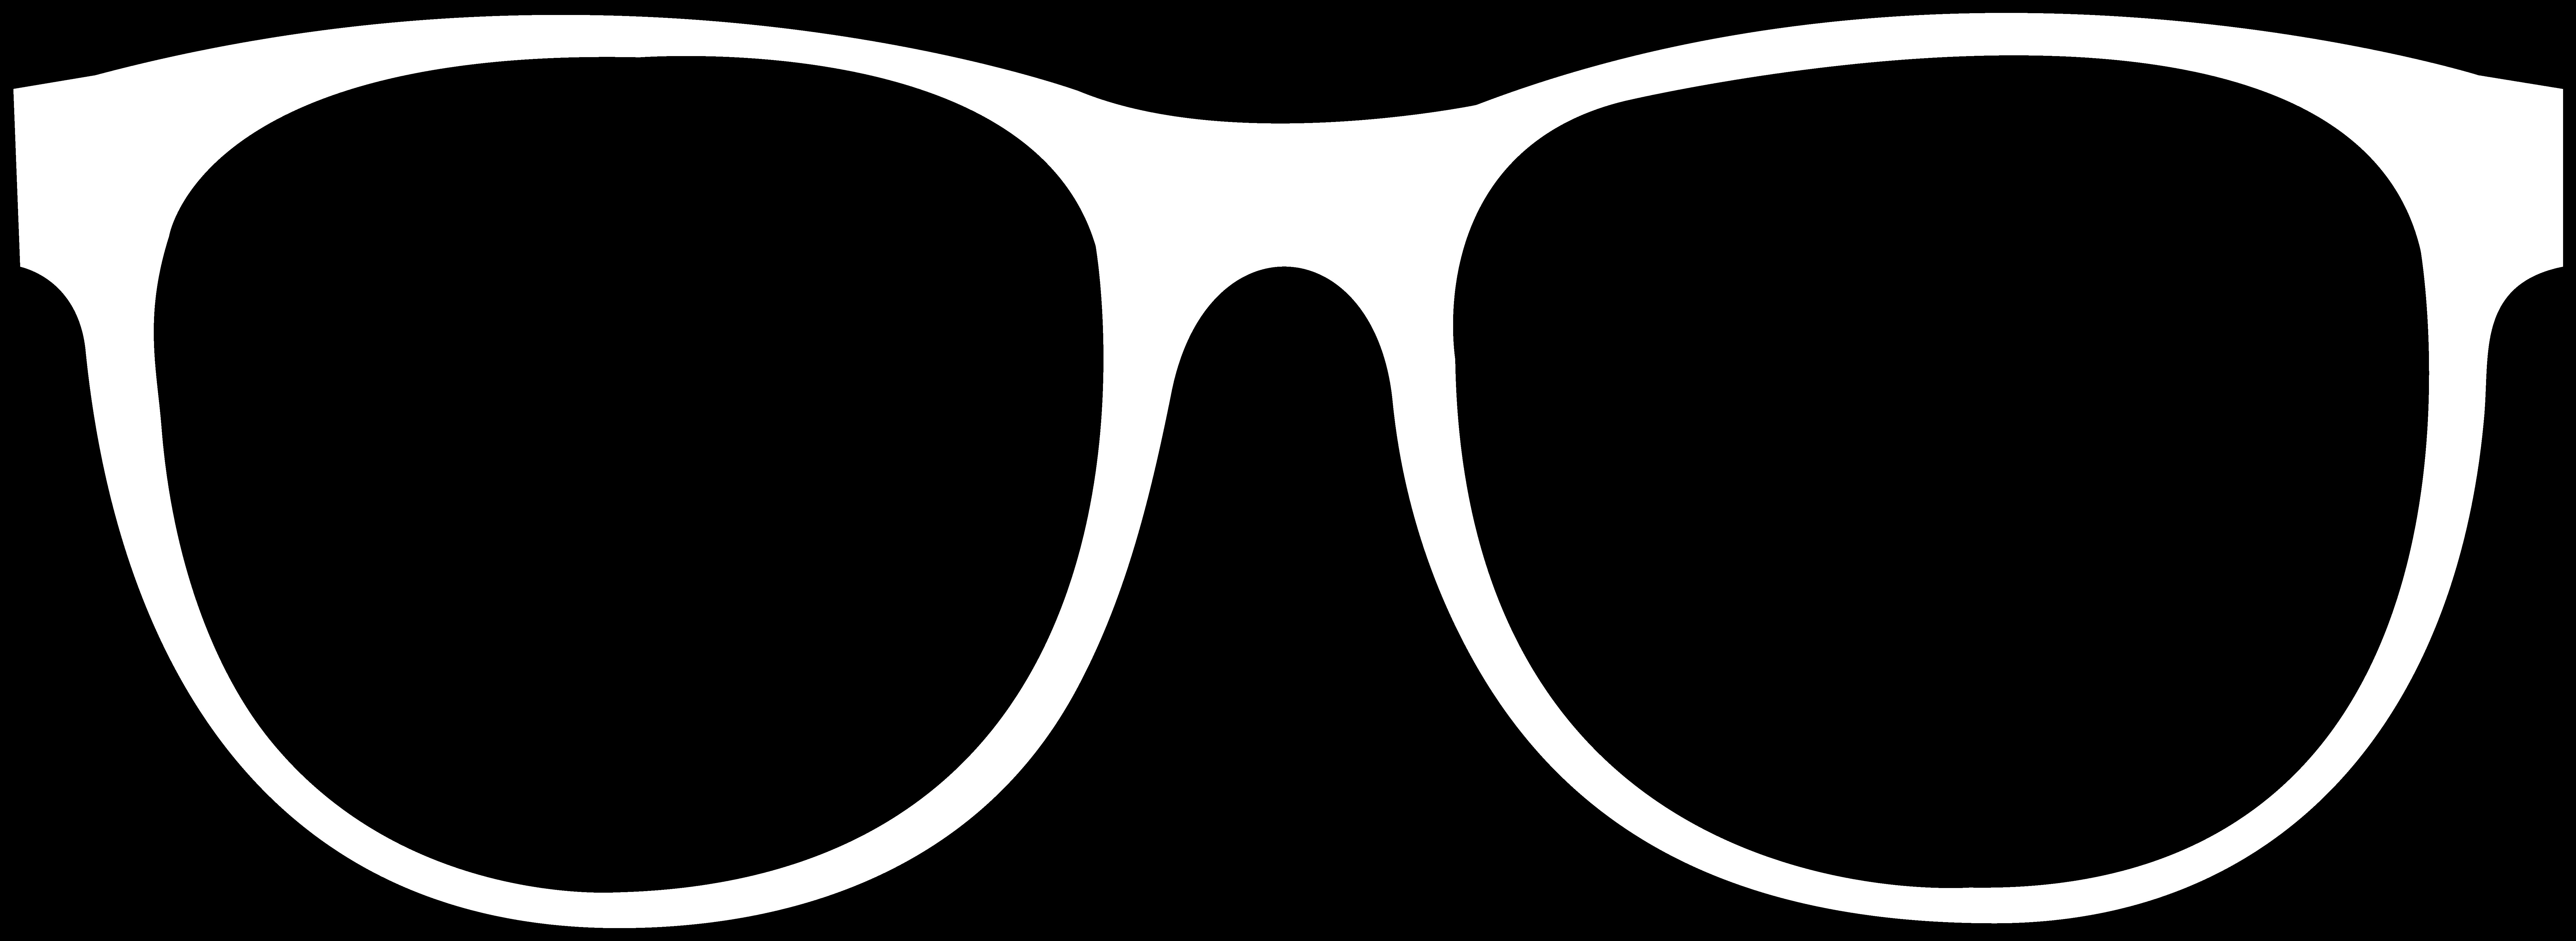 White clipart sunglasses. Outline clipartblack com tools